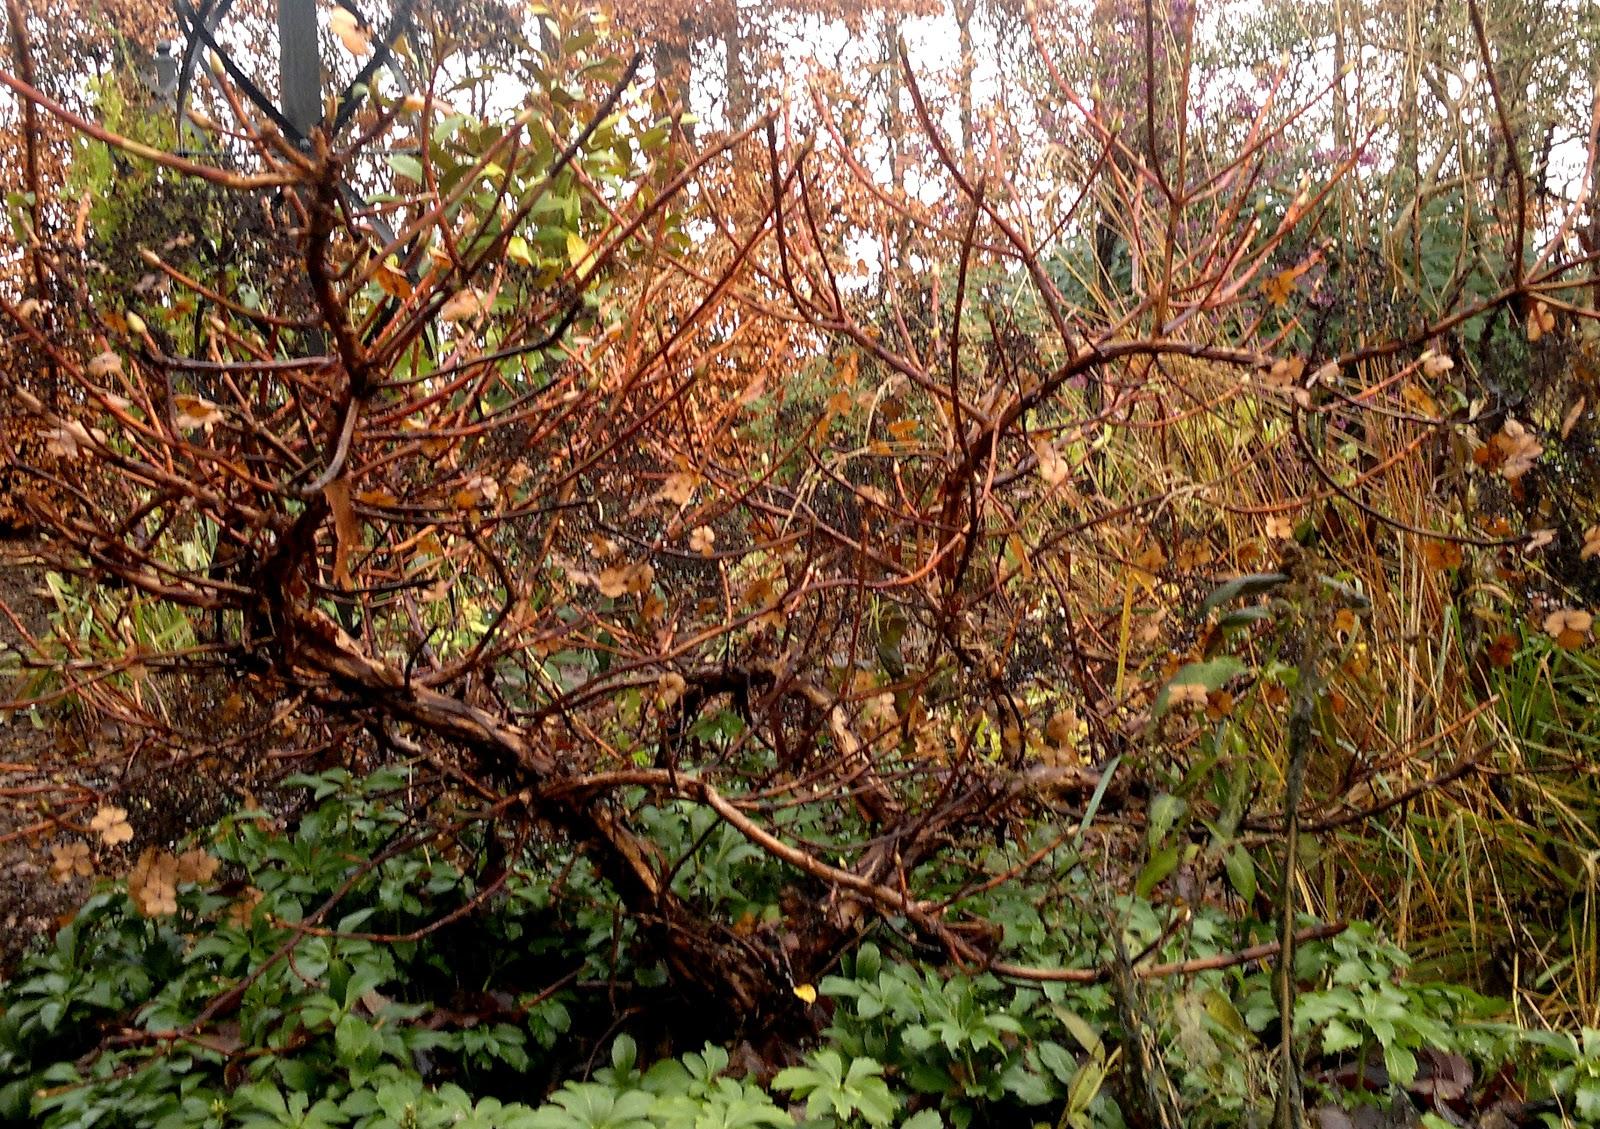 pletter på æbletræets stamme